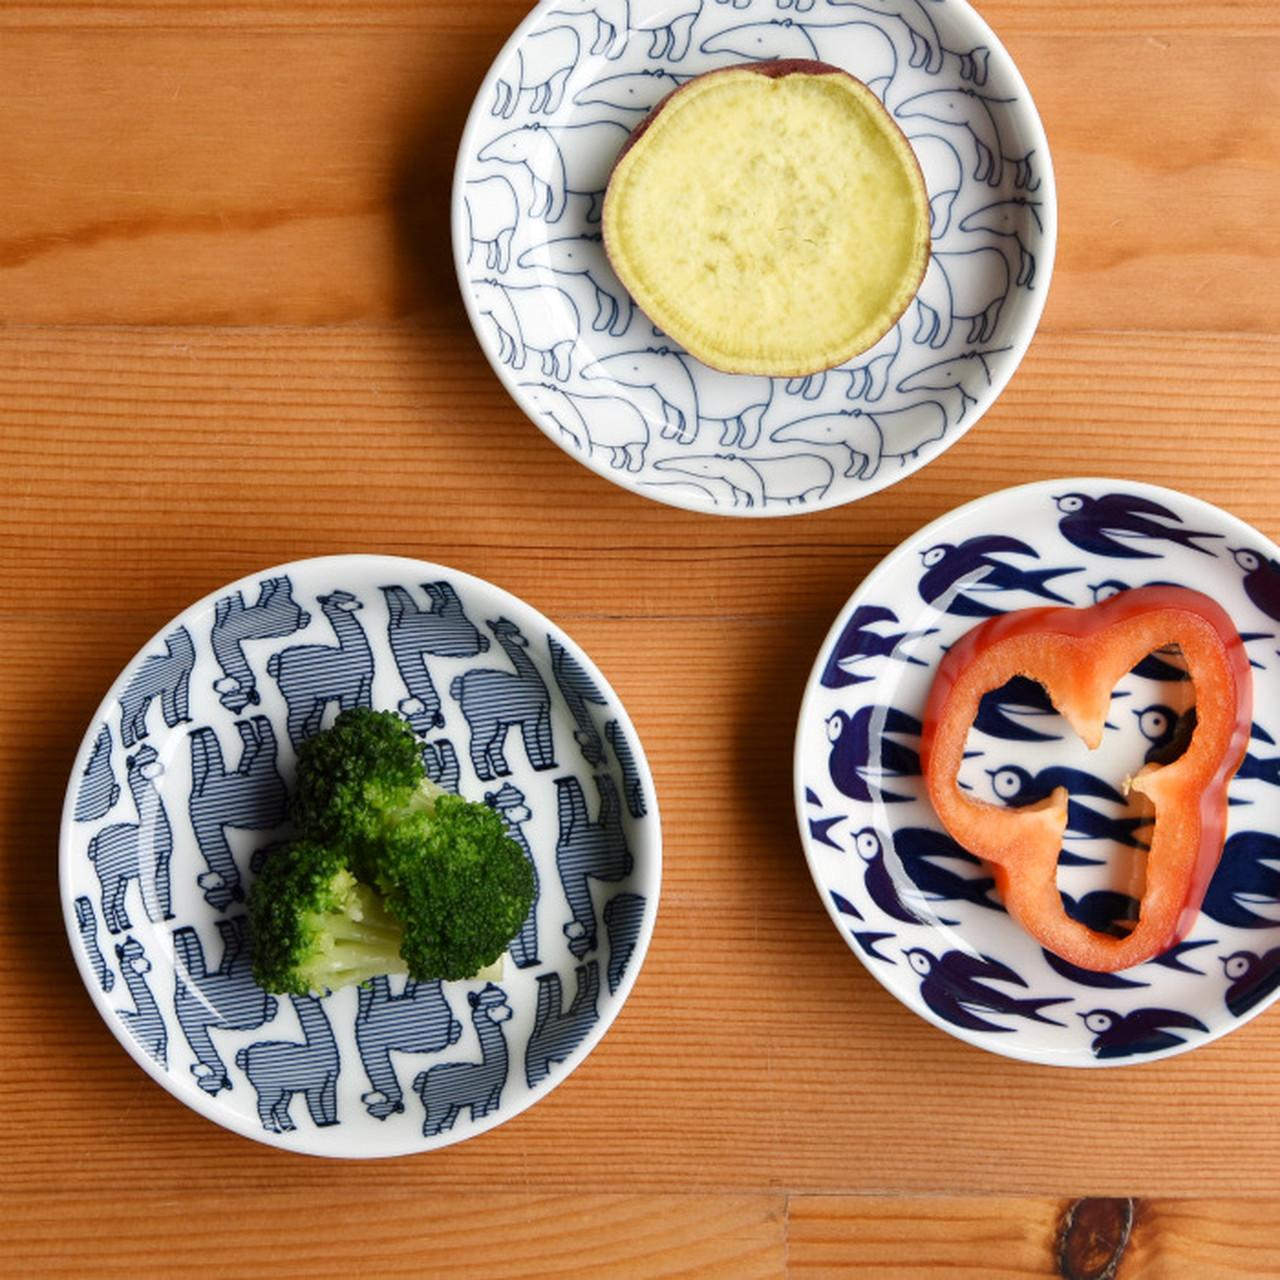 【波佐見焼】【natural69】【Janke】【豆皿】 動物柄 パターン柄 食器 北欧風 小皿 おしょうゆ皿 お手塩皿